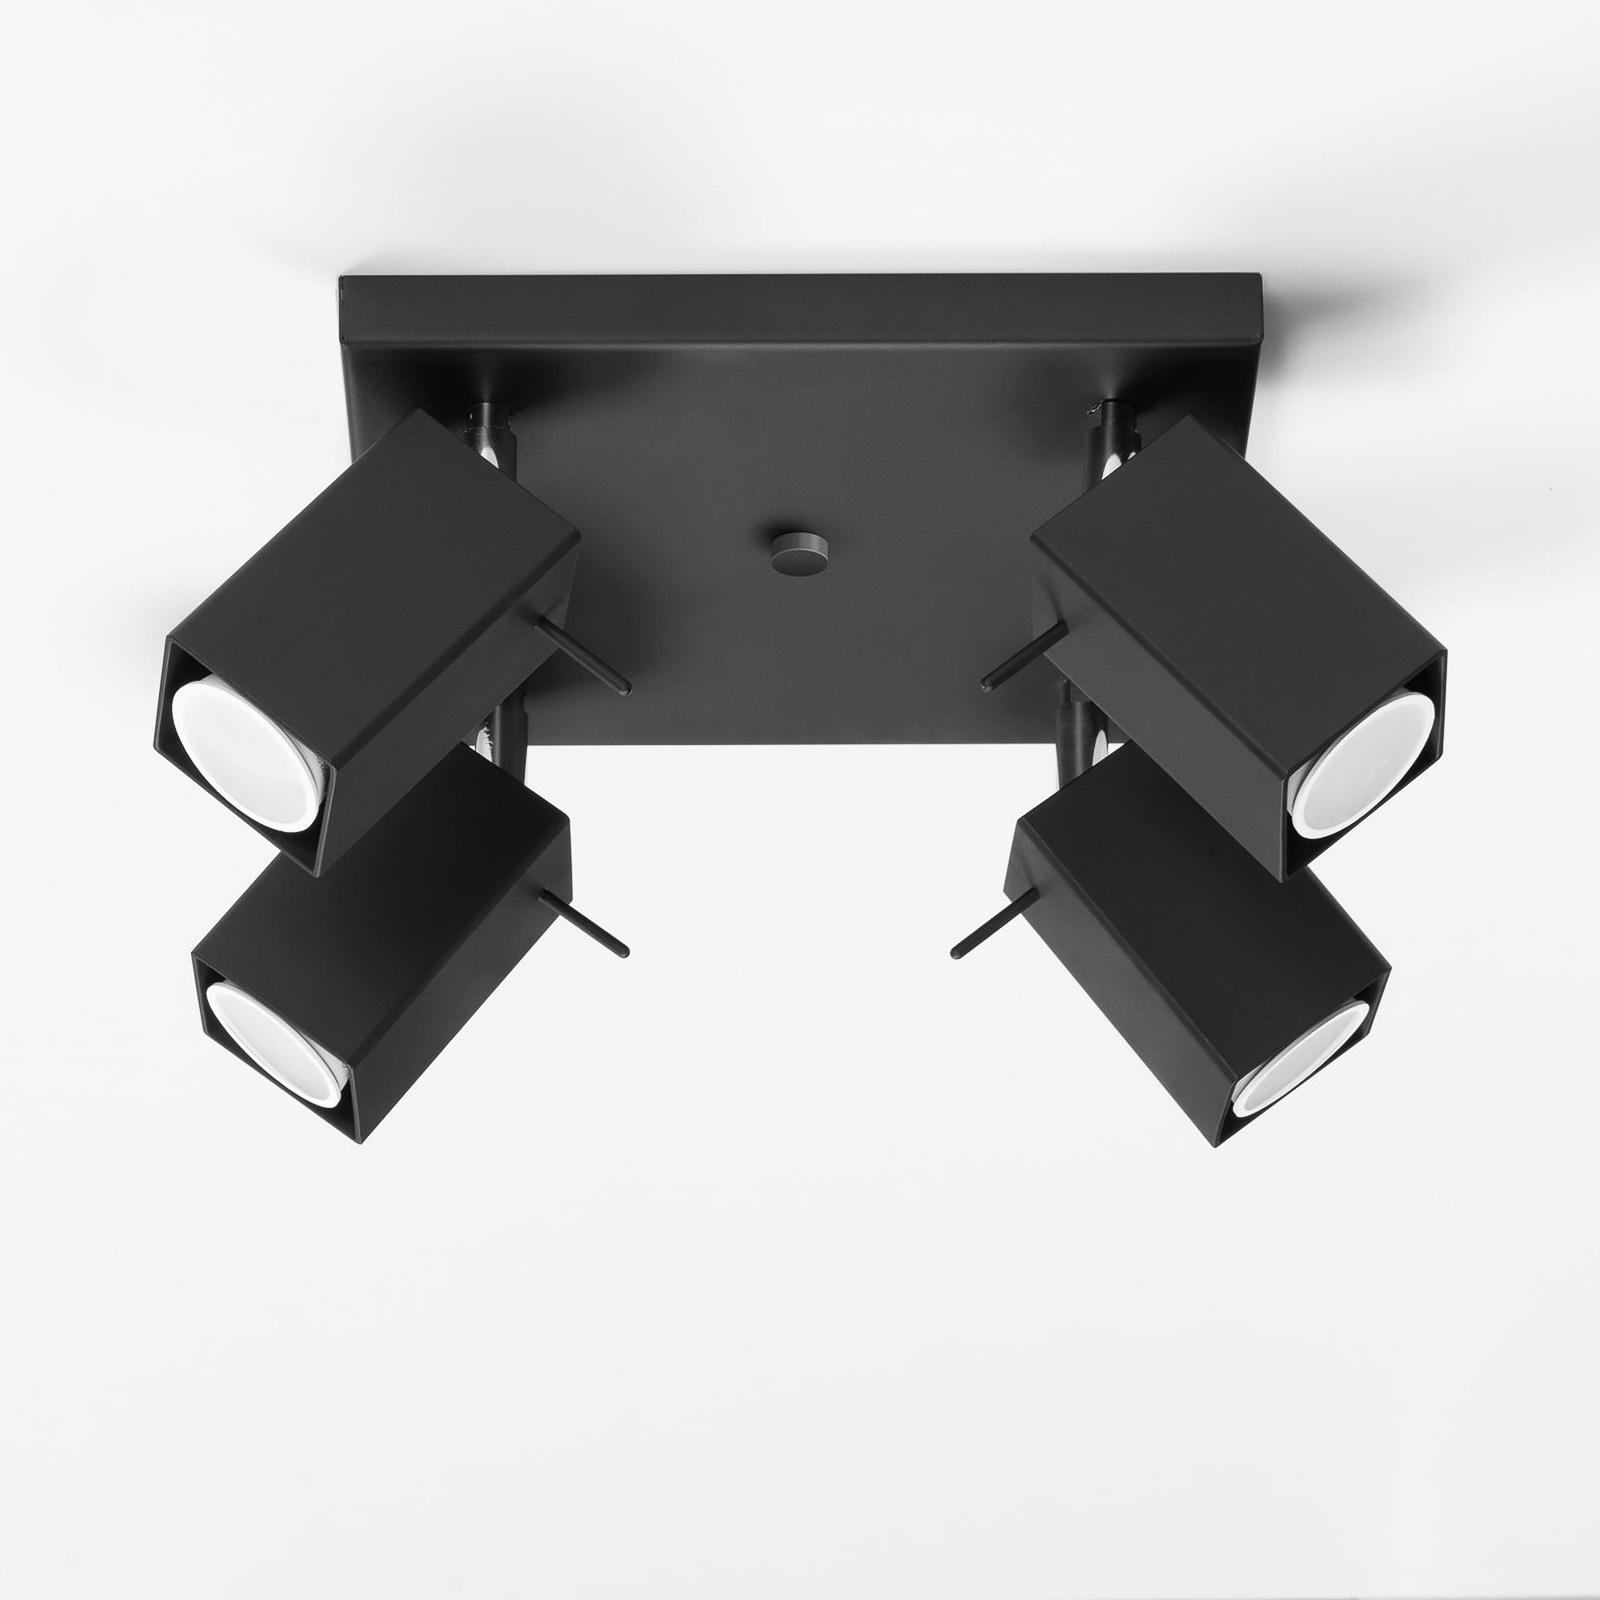 Kattospotti Square, musta, nelilamppuinen, neliö